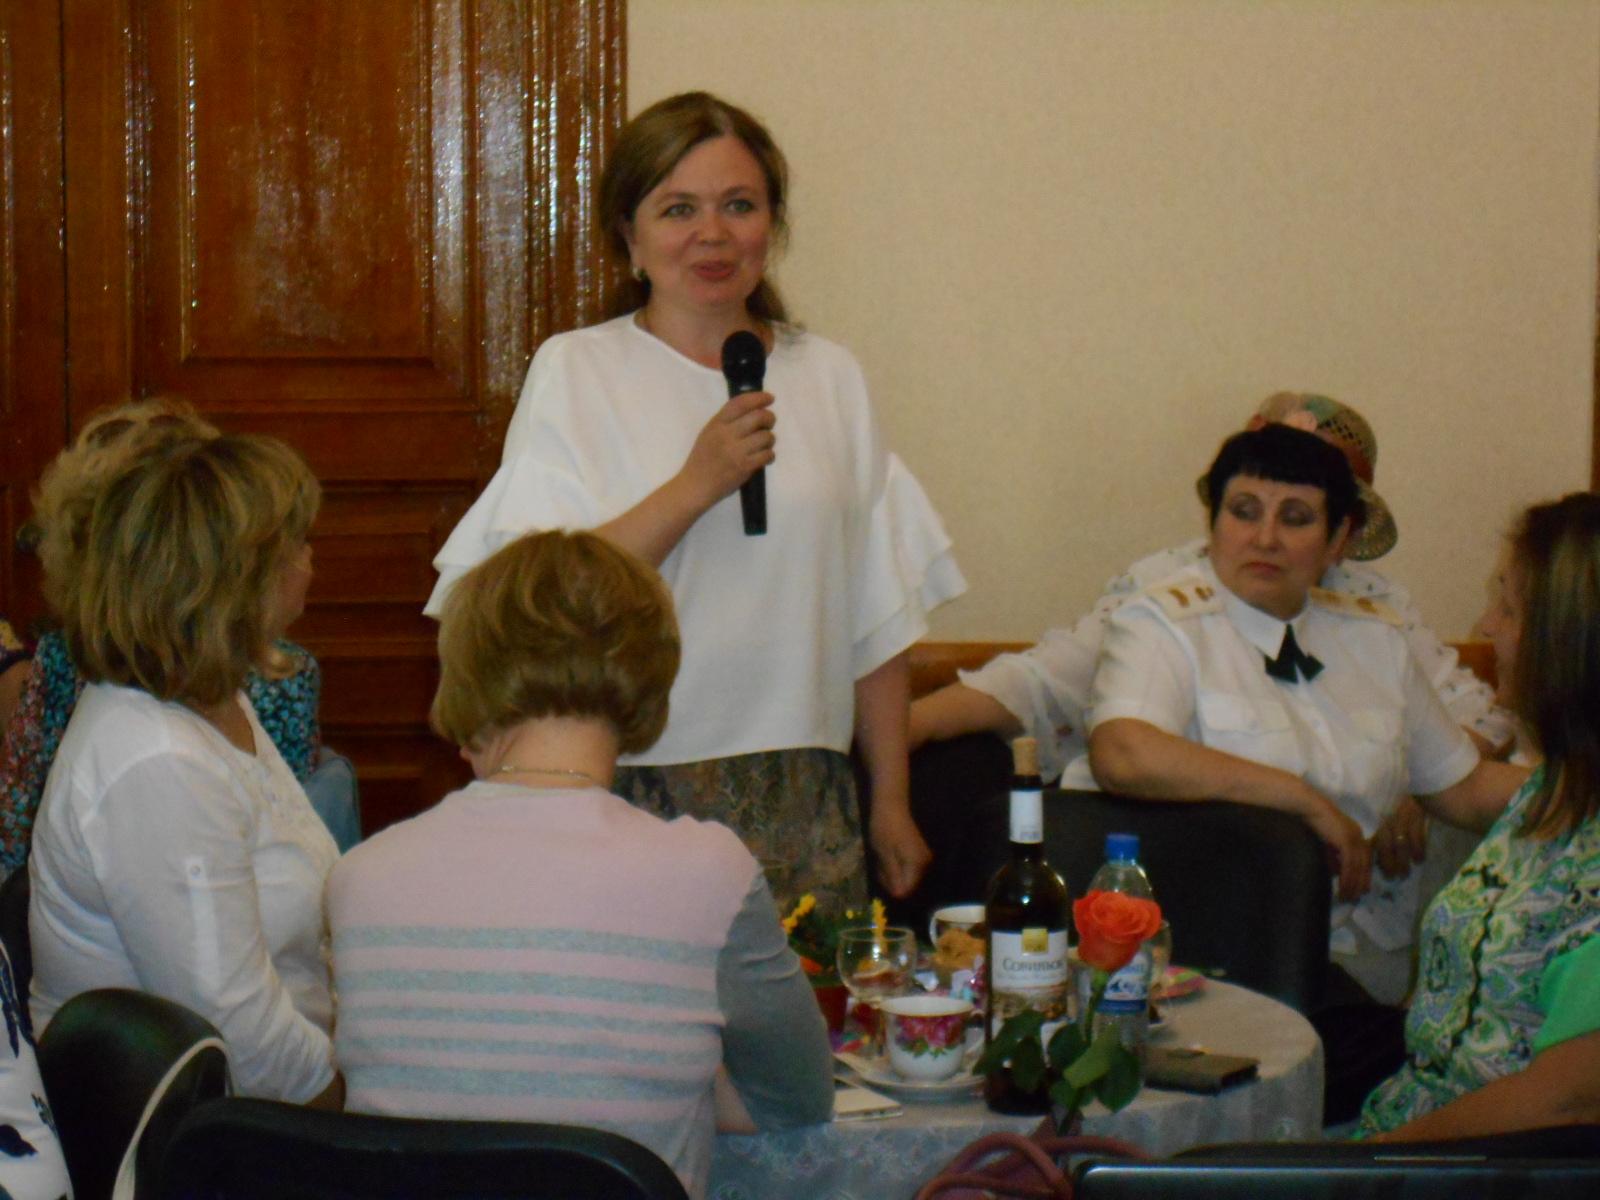 Капитан запаса Долбина Татьяна Александровна говорит о том как здорово что все сегодня собрались.Благодарит женщин старшего поколения